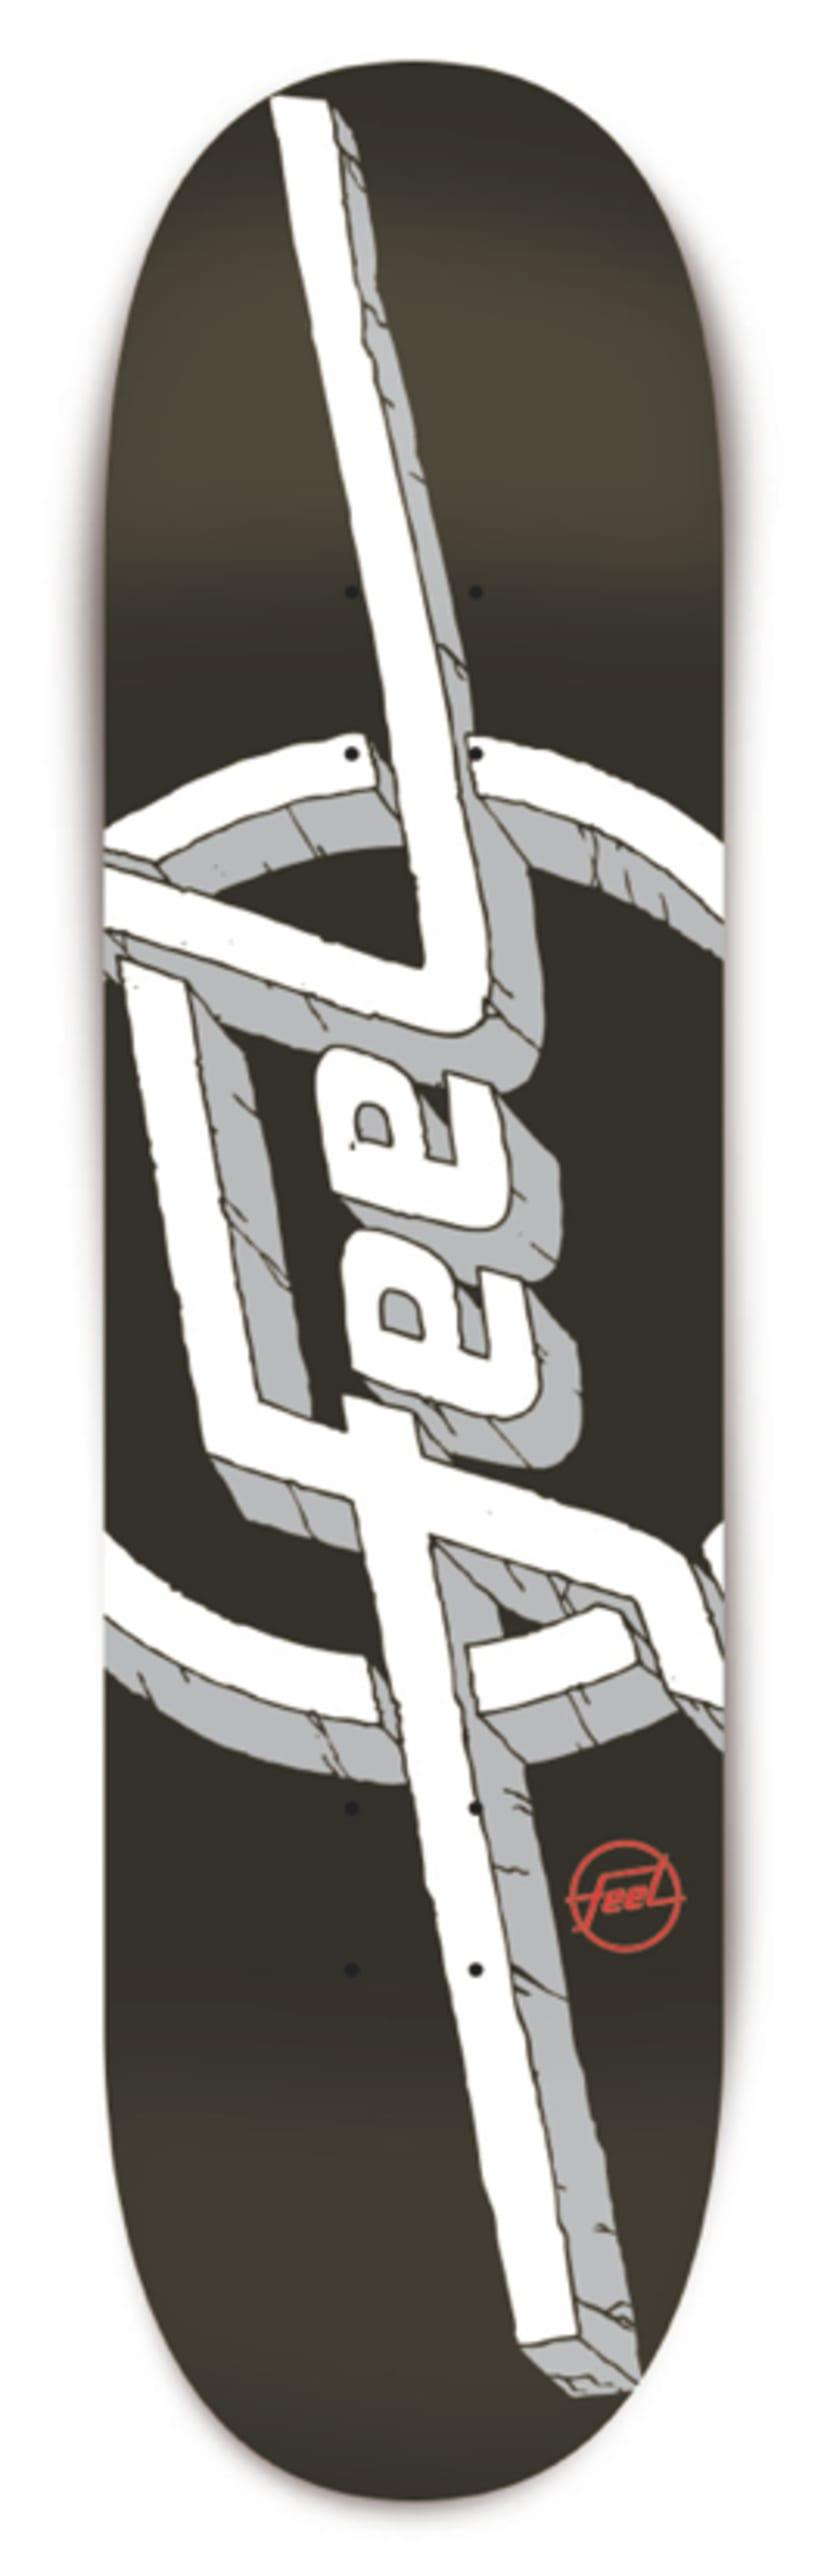 Feel Skateboards Decks 2